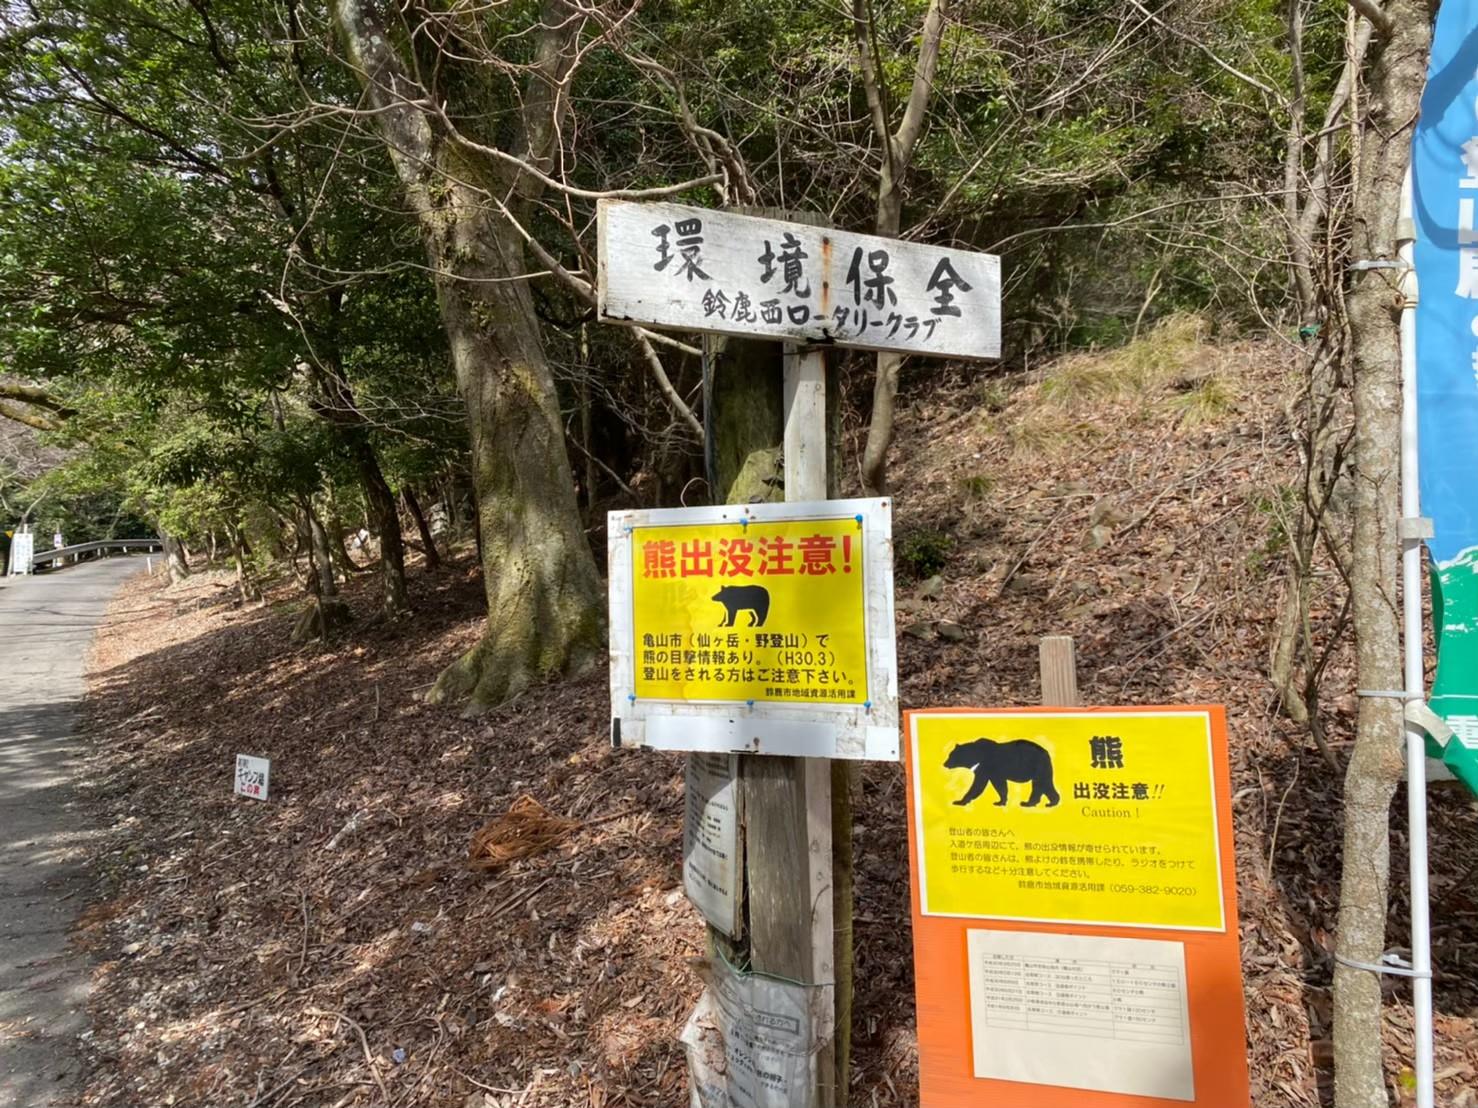 【三重県】『小岐須渓谷キャンプ場』の情報まとめ(写真・トイレ・アクセス)